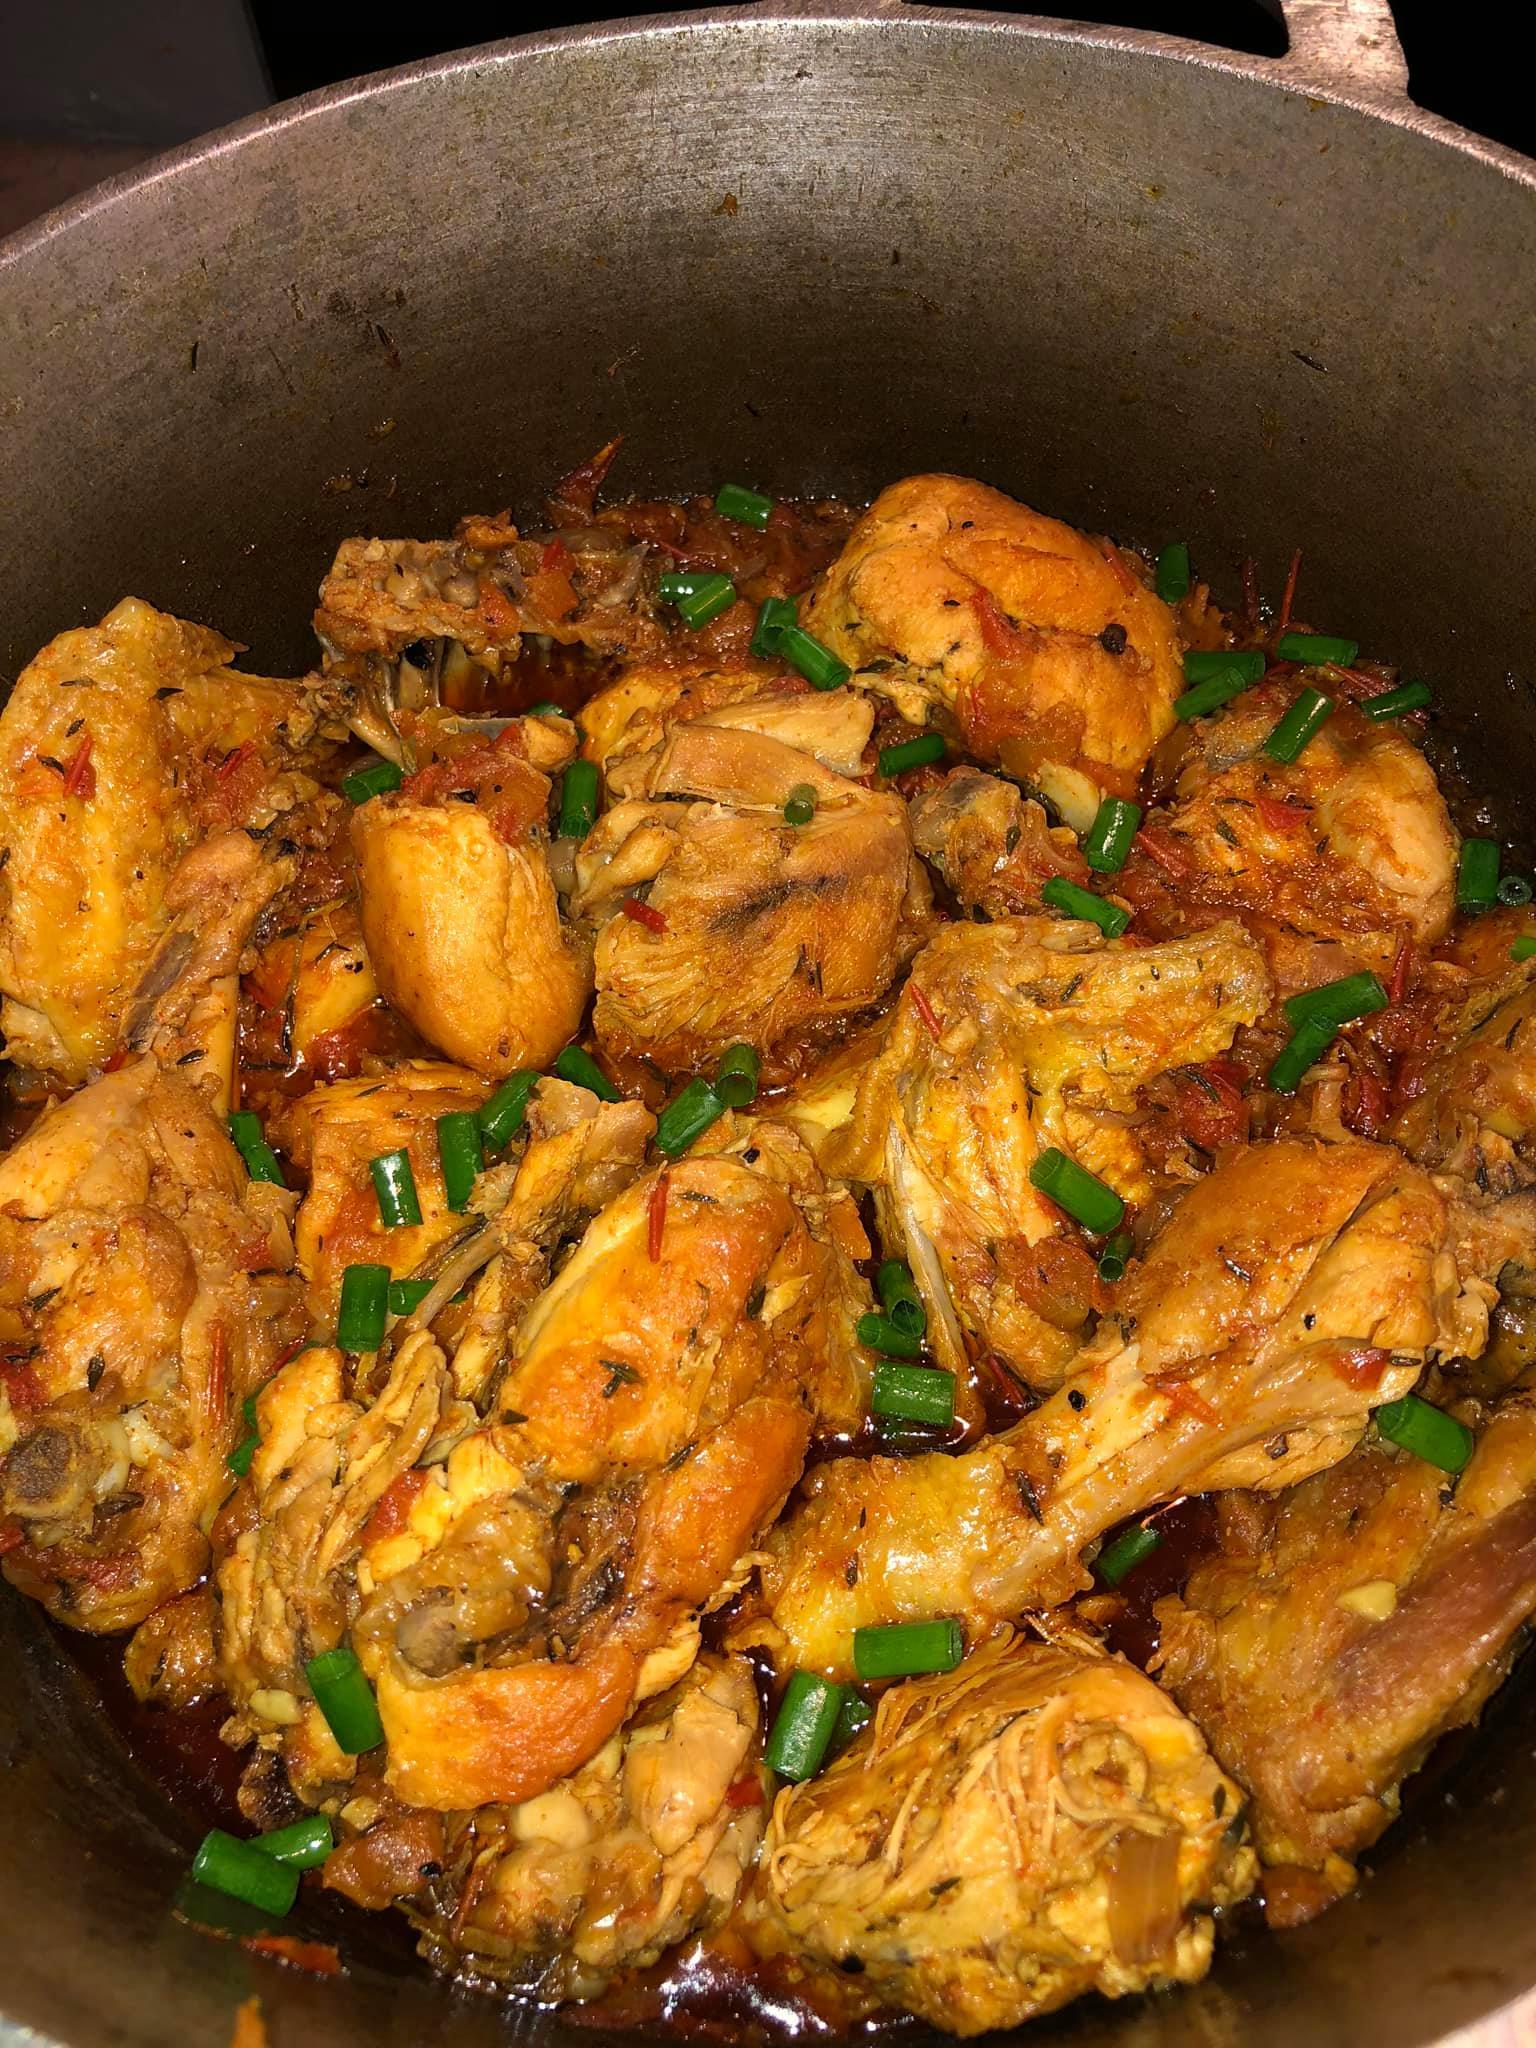 Carri poulet recette originale - Des recettes healthy saines et faciles